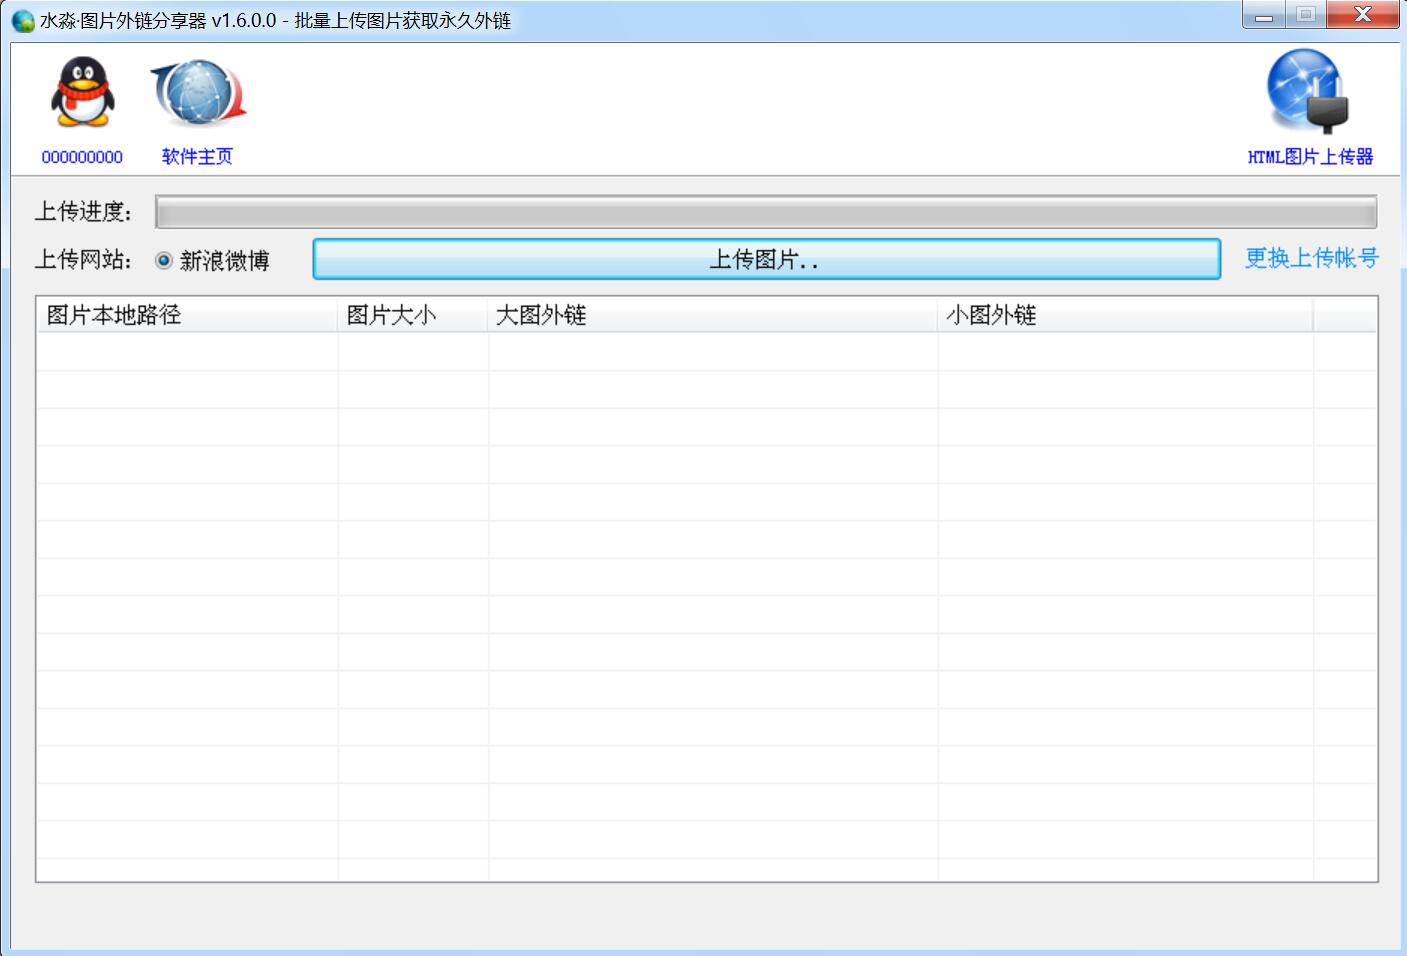 水淼・图片外链分享器v1.6.0.0